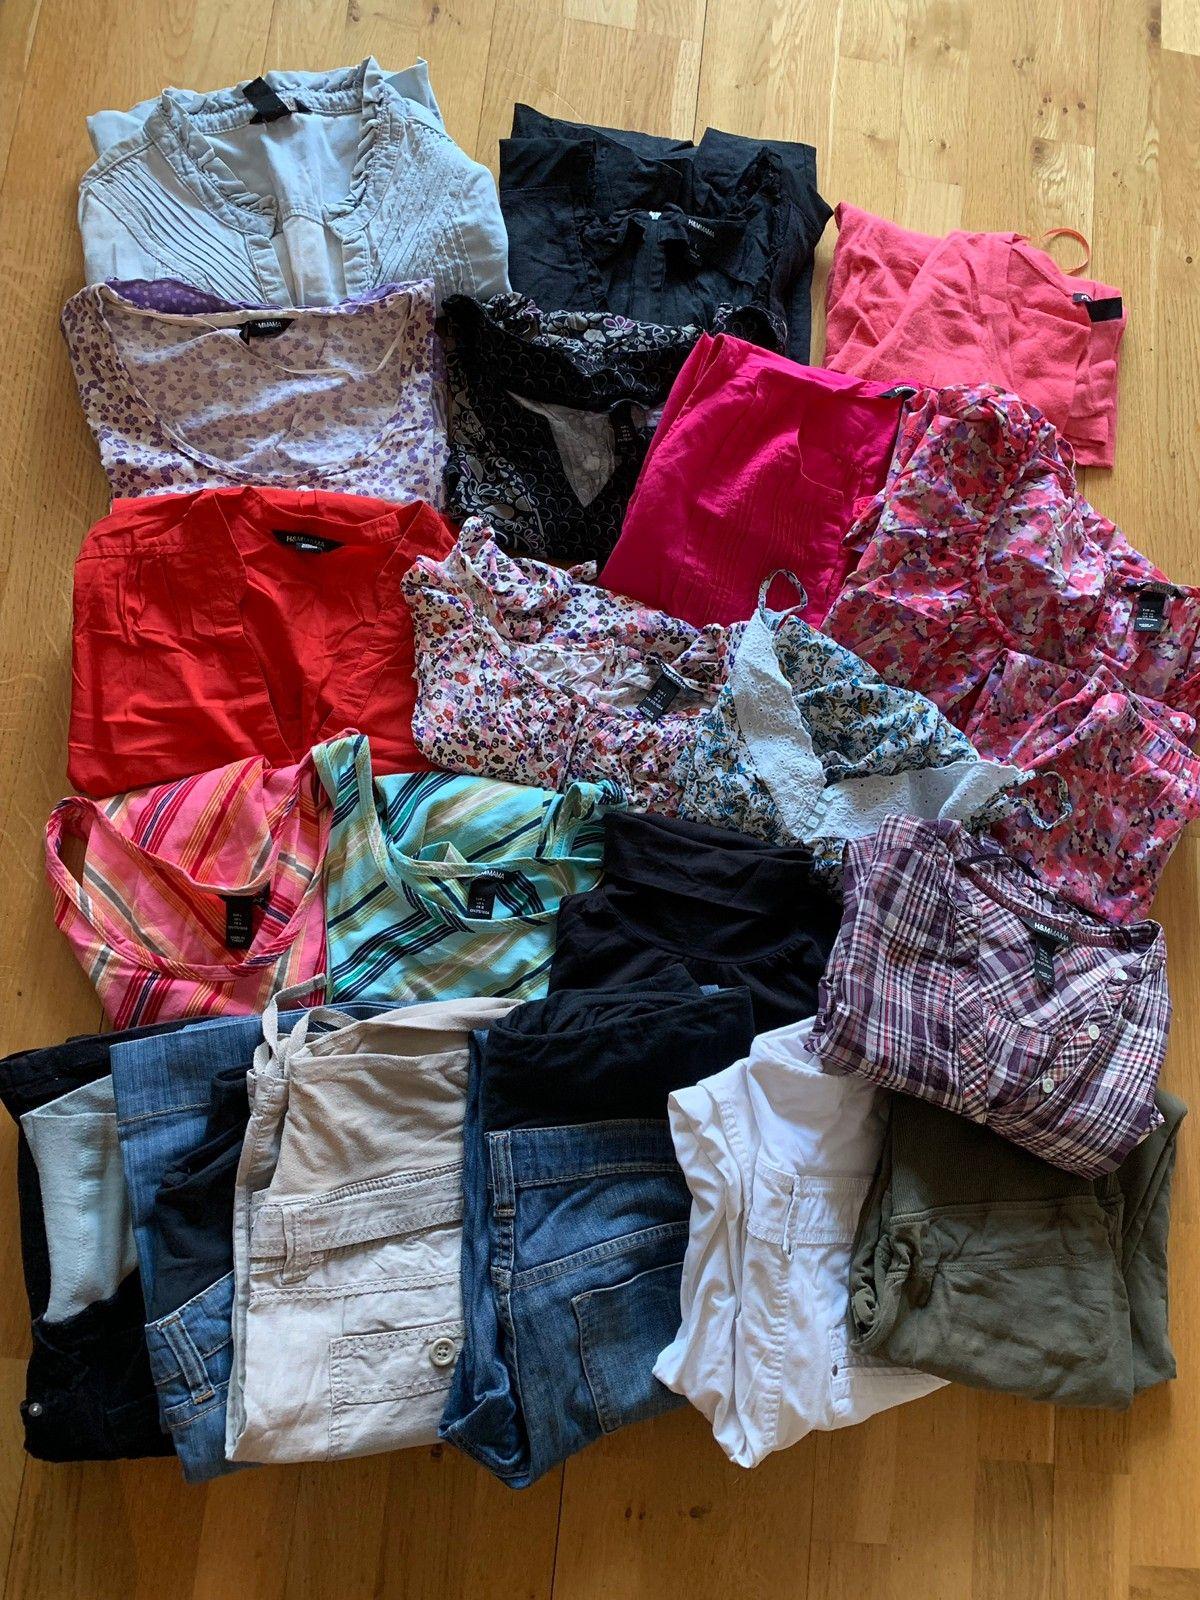 024d6565 2 kjoler, 6 bukser (3 lange, 3 korte), 6 bluser, 1 skjorte/tunika, 1  bomullsjakke, 1 høyhalset tynn genser, 3 topper, 1 leggings. (1/25)